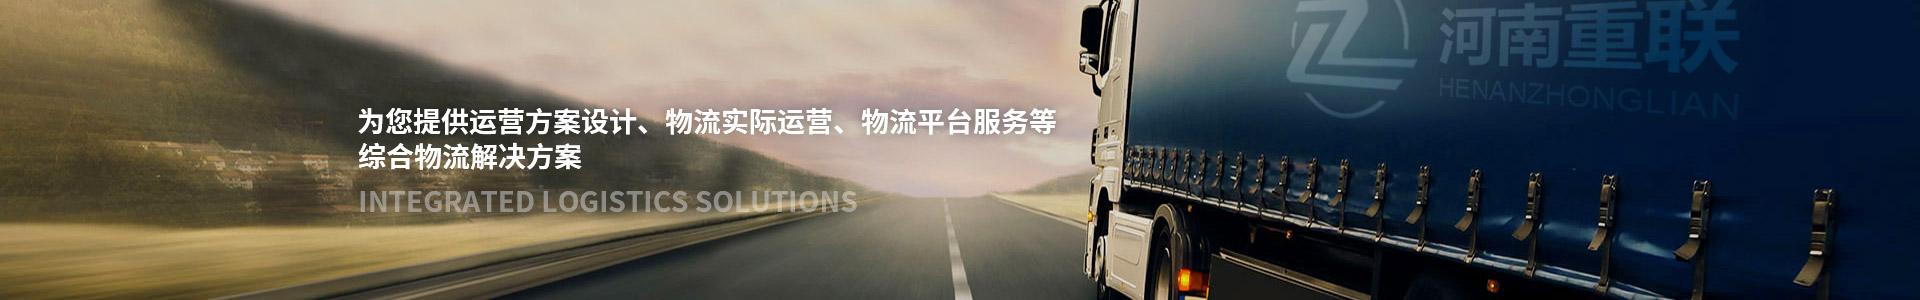 河南重联,为您提供运营方案设计、物流实际运营、物流平台服务等综合性物流解决方案